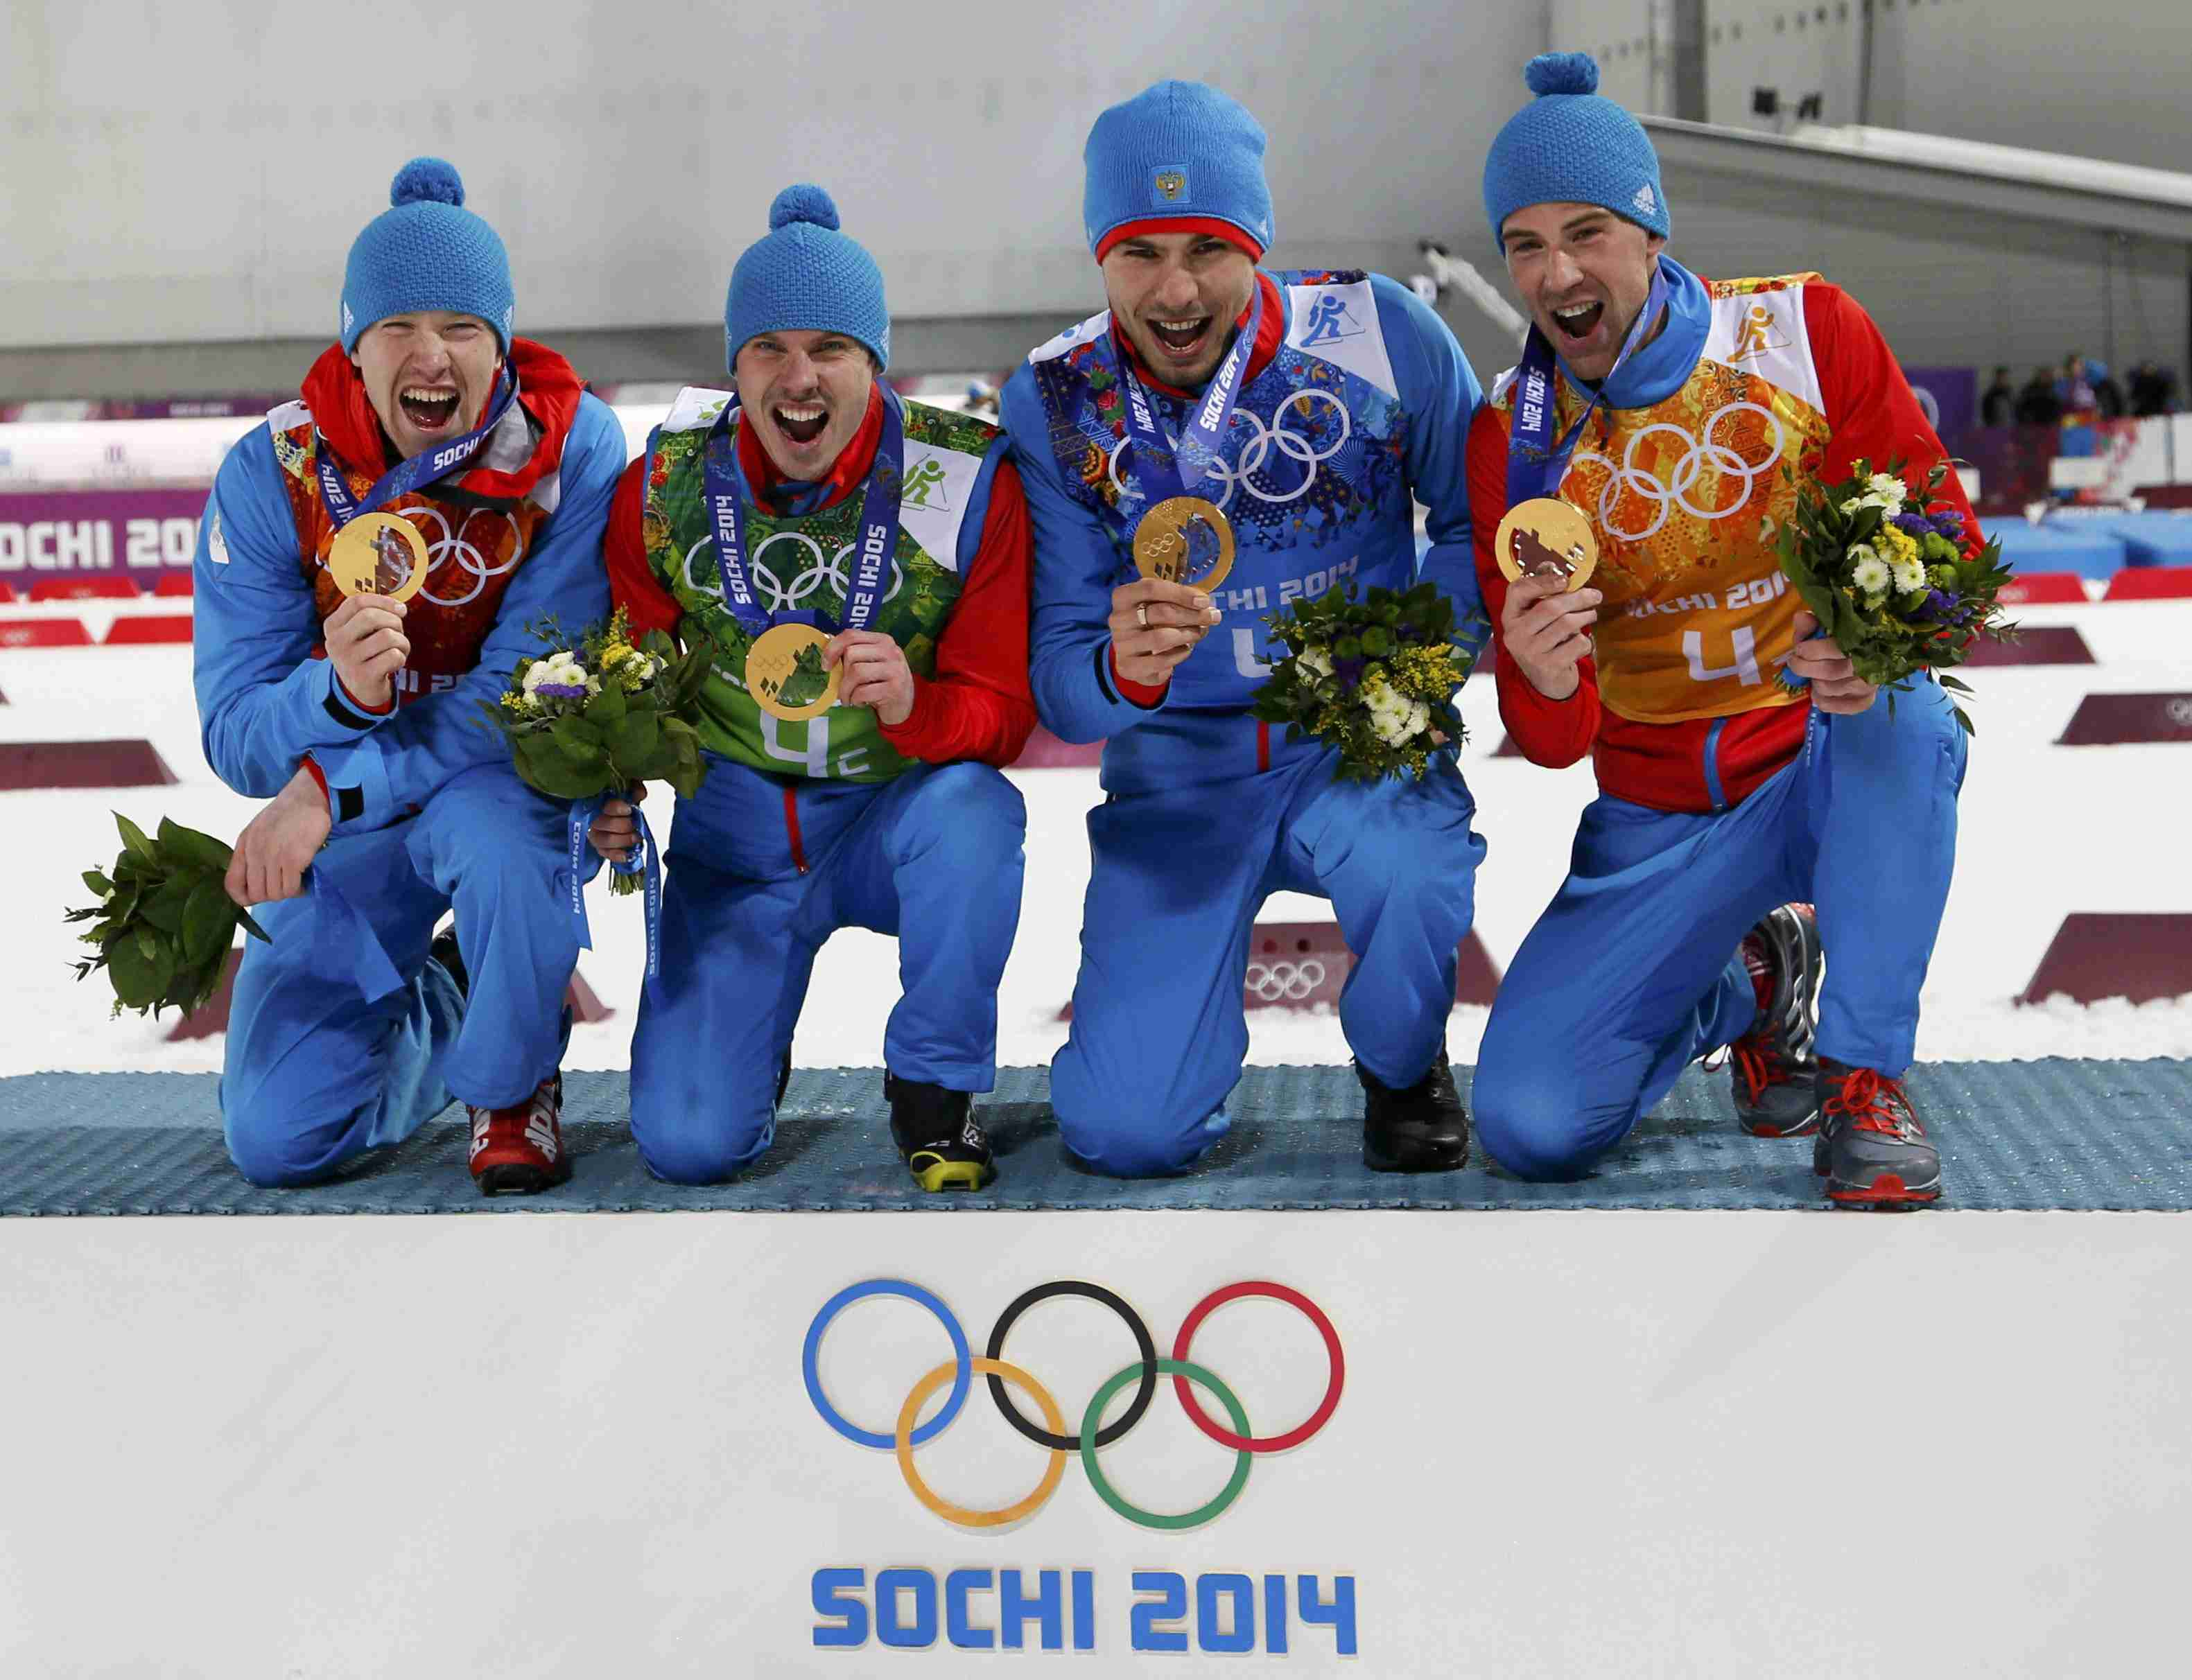 http://ss.sport-express.ru/userfiles/press/imagesinsidetext/41/41572/12.jpg